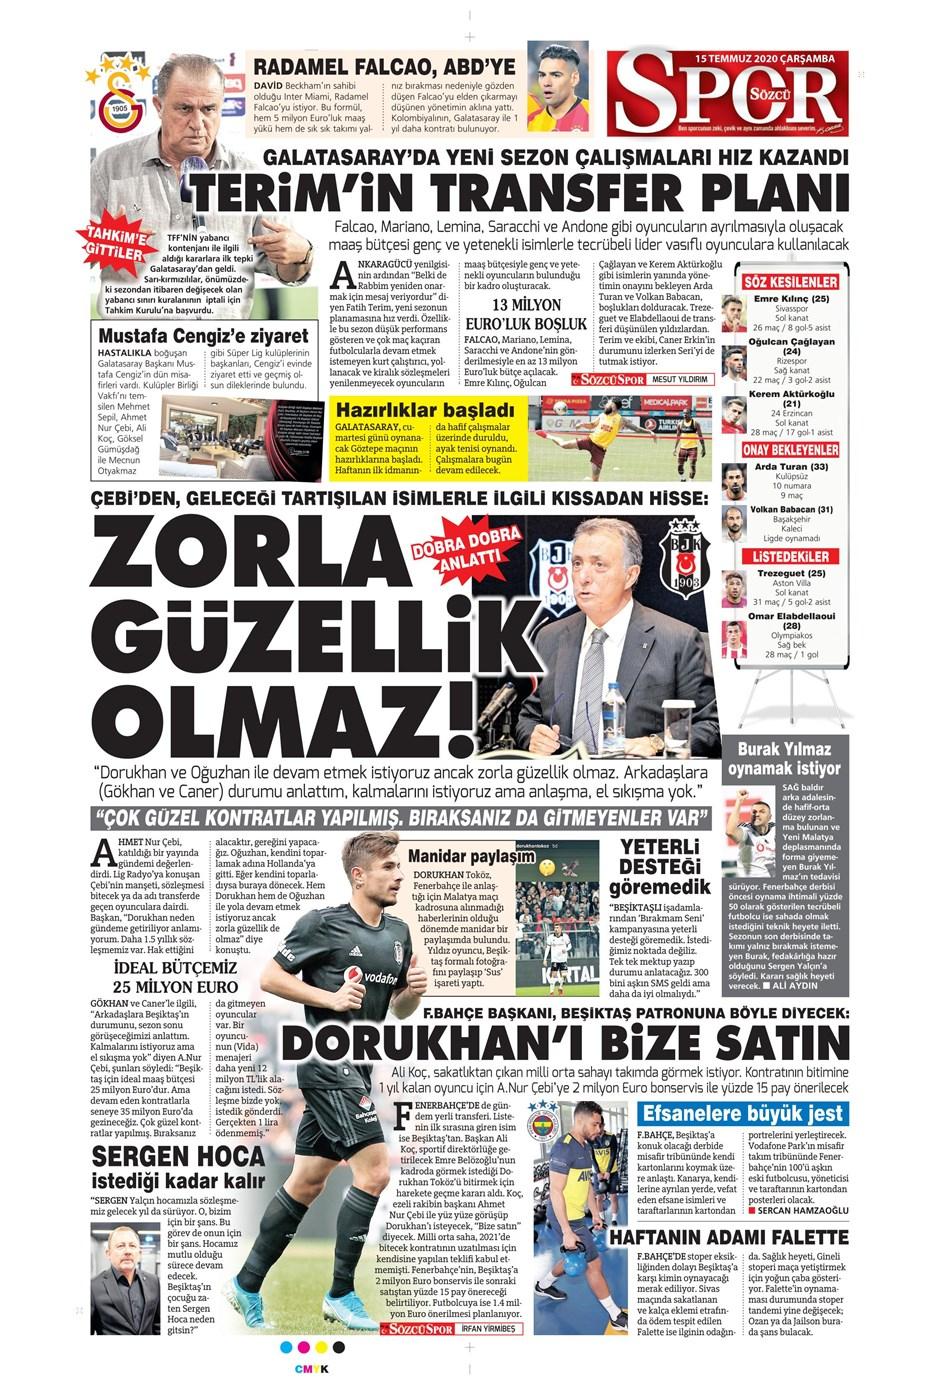 15 Temmuz 2020 günün spor manşetleri! İşte sporda gazete başlıkları 9